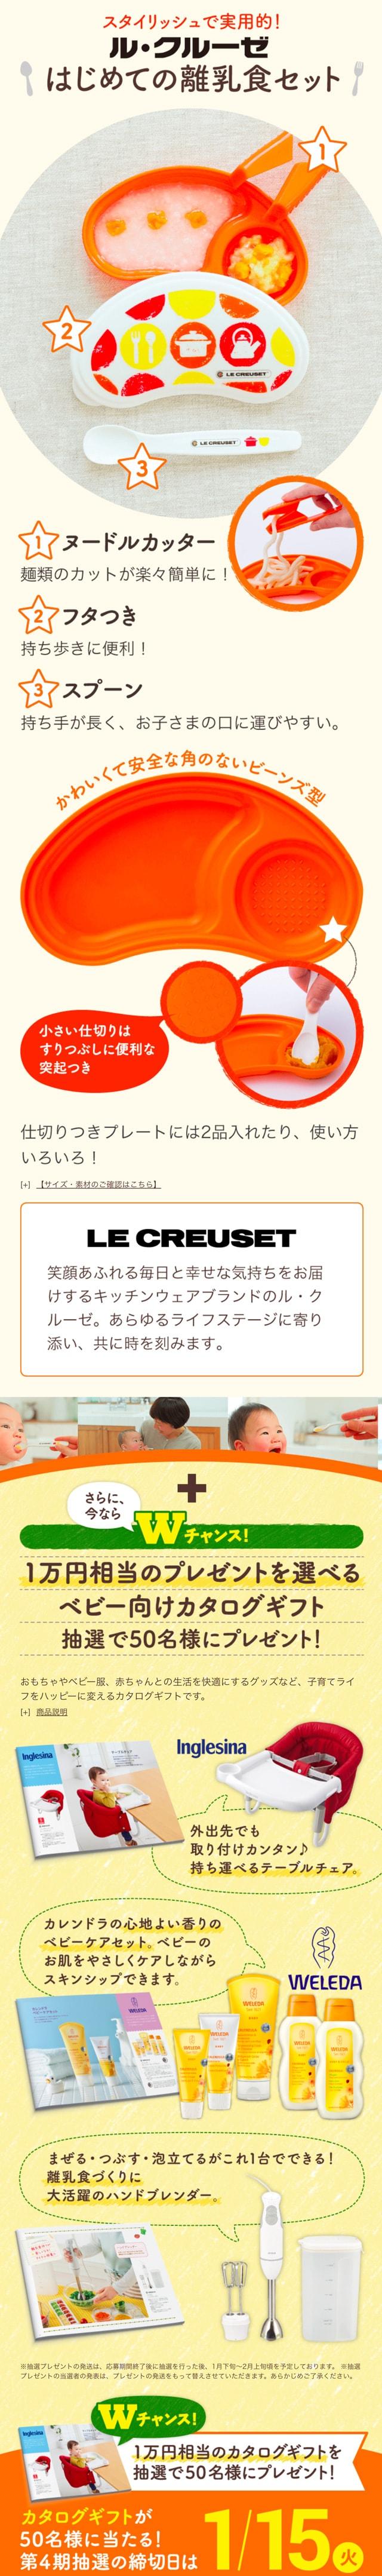 【資料請求でもれなくもらえる!】「ル・クルーゼの<はじめての離乳食セット>」